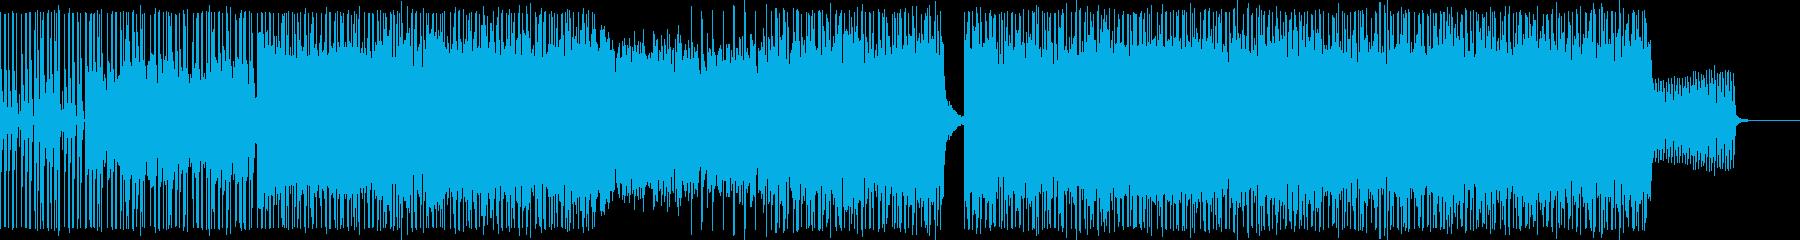 必聴!シネマティックなイントロBGMの再生済みの波形